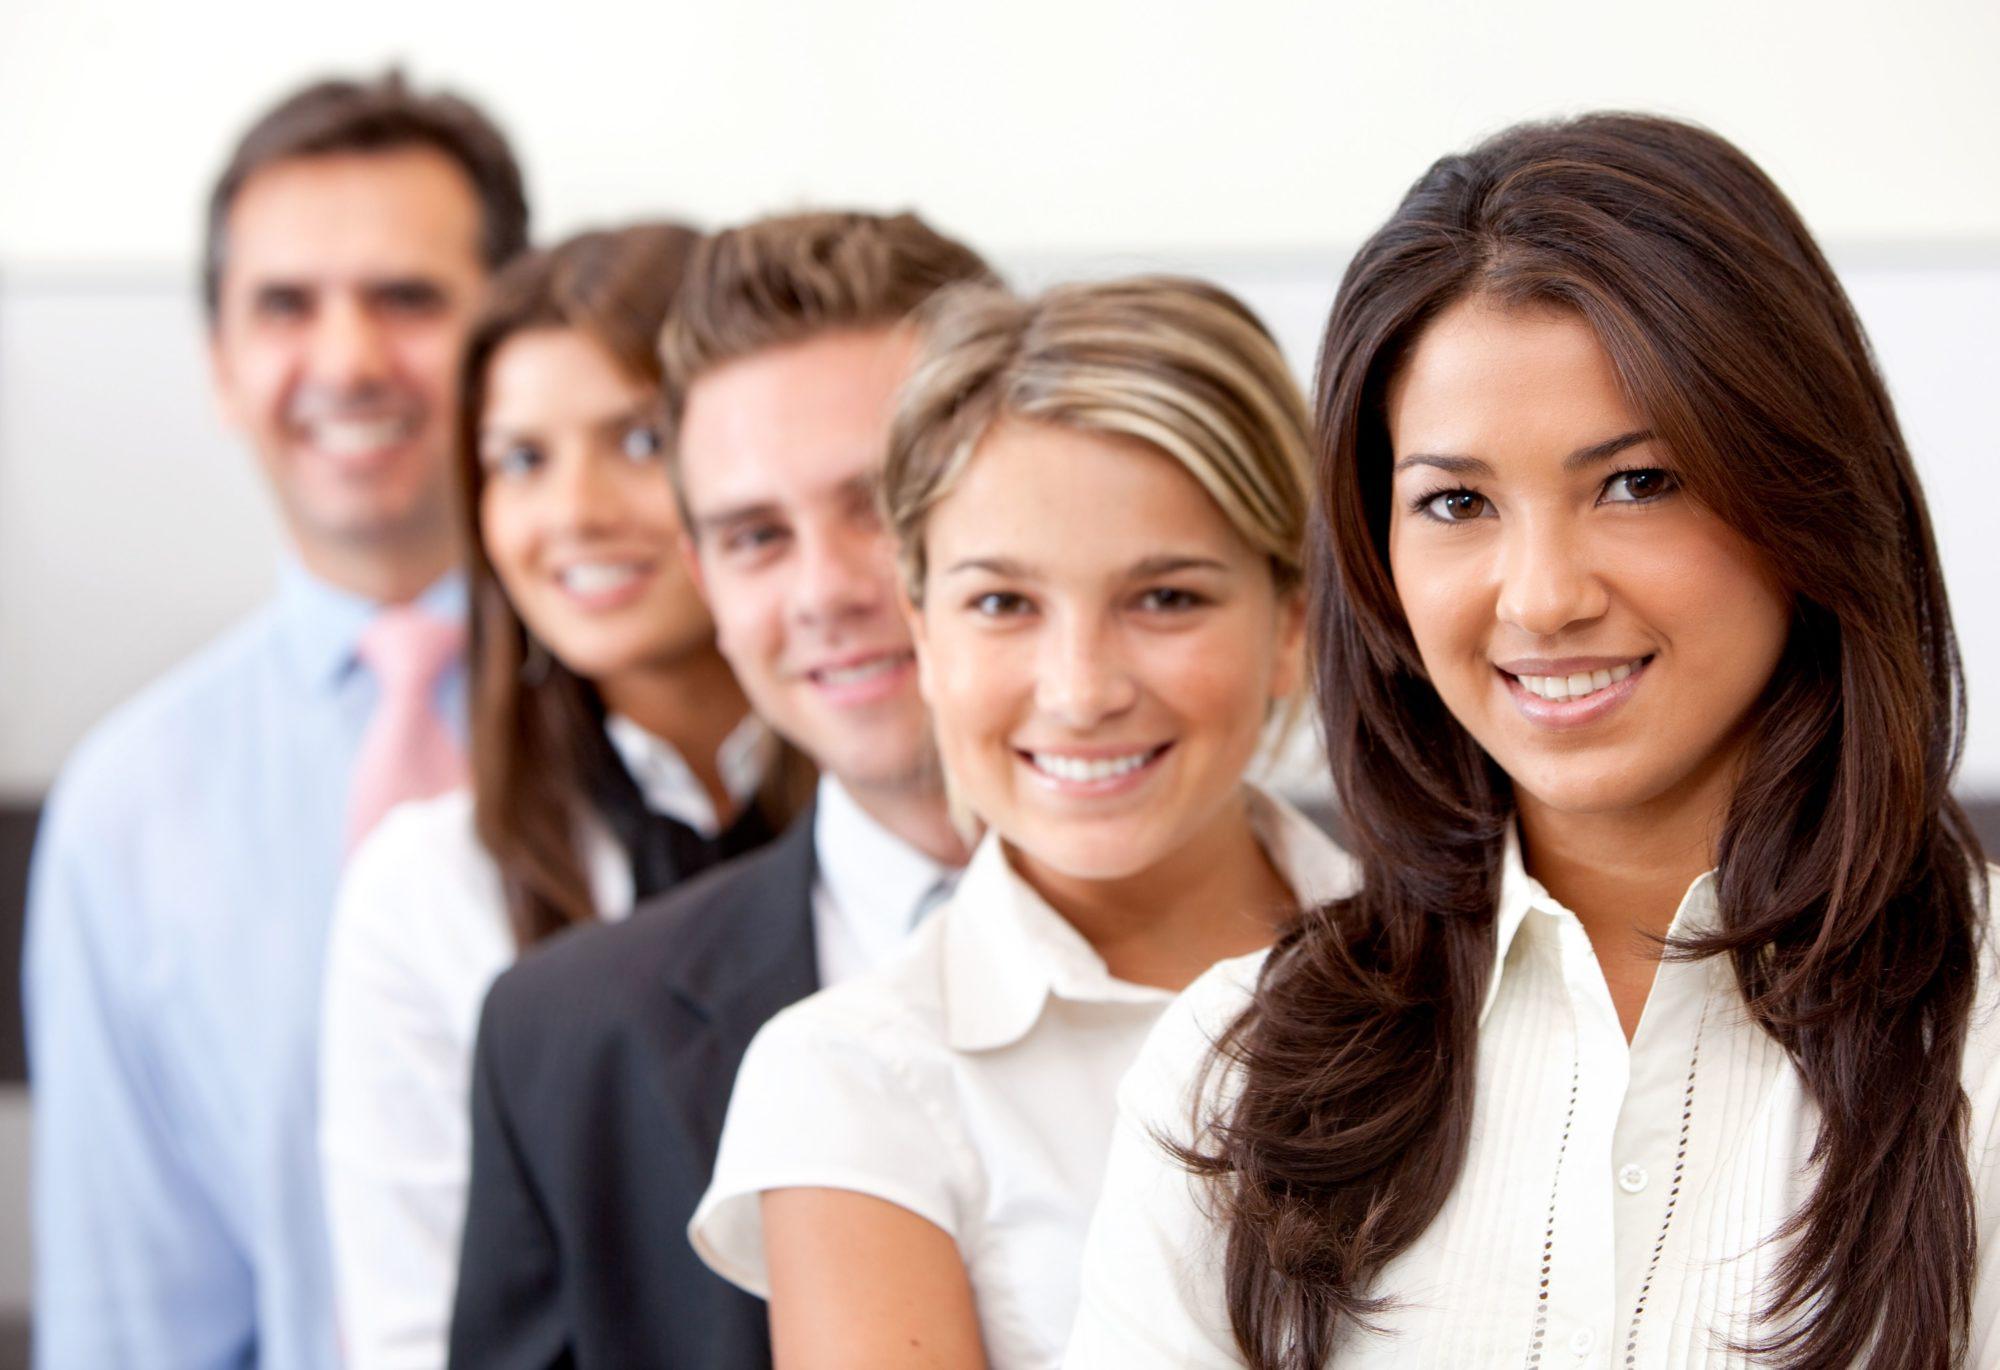 Politiche Attive del Lavoro VED Consulting